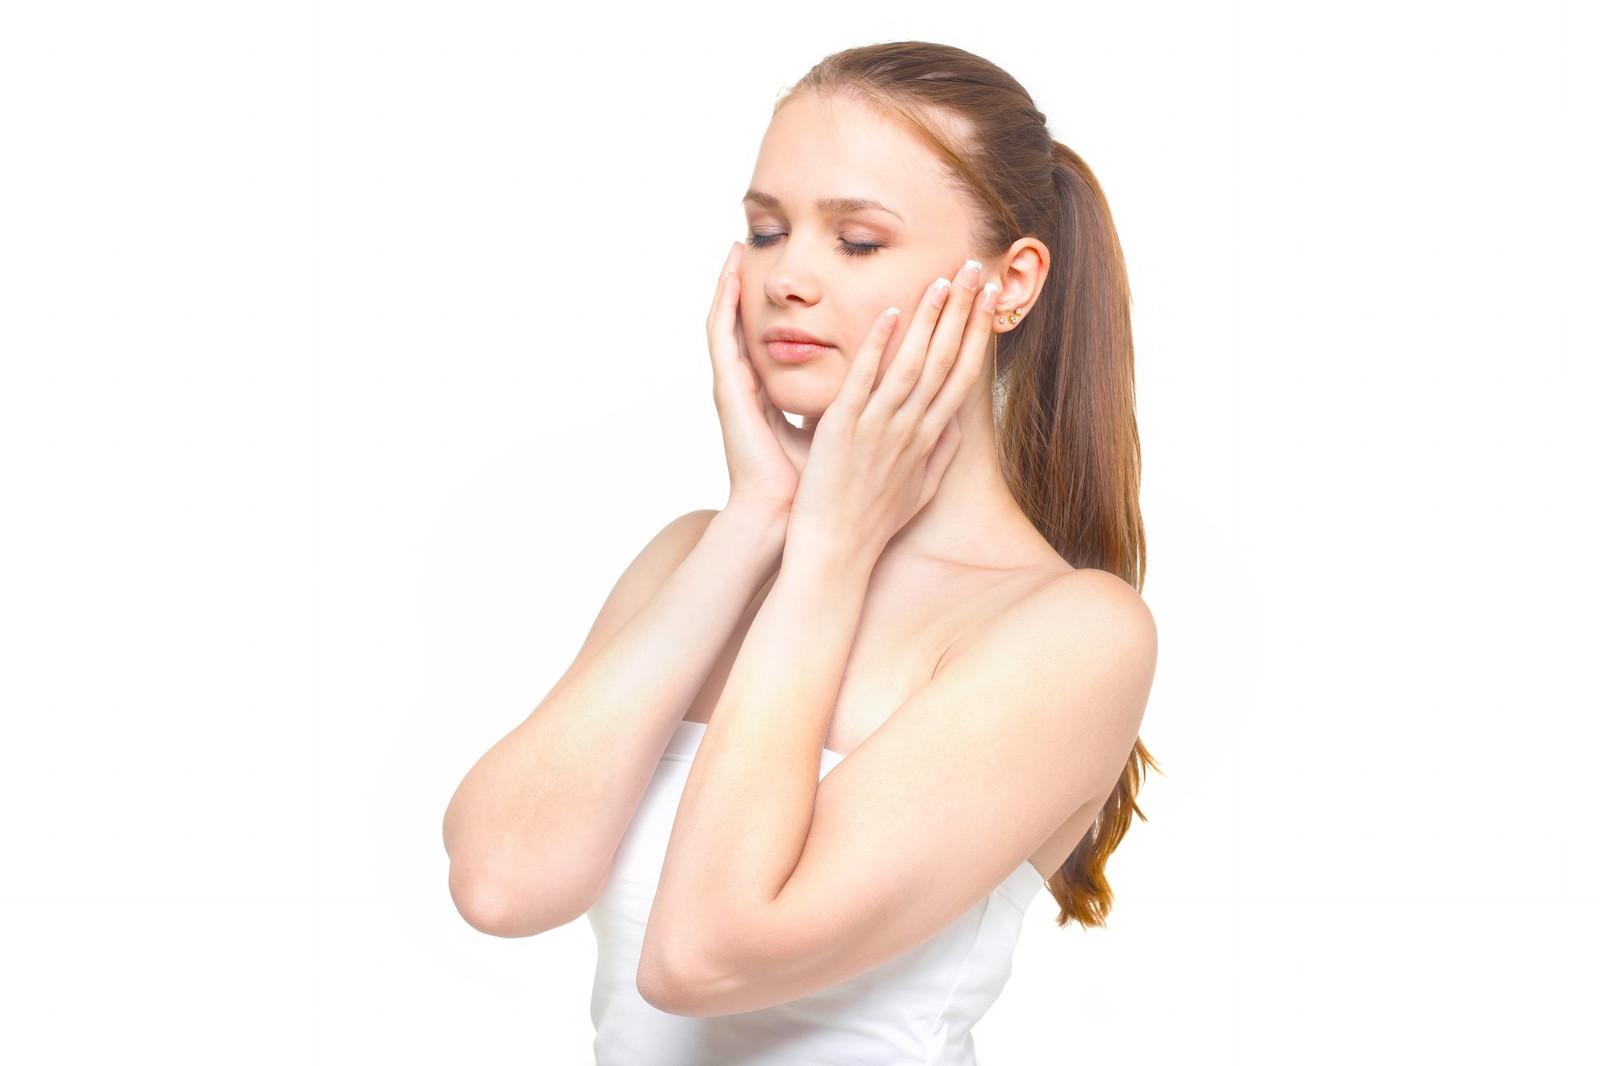 肌荒れの原因は?頬のトラブルから身を守るスキンケアは?